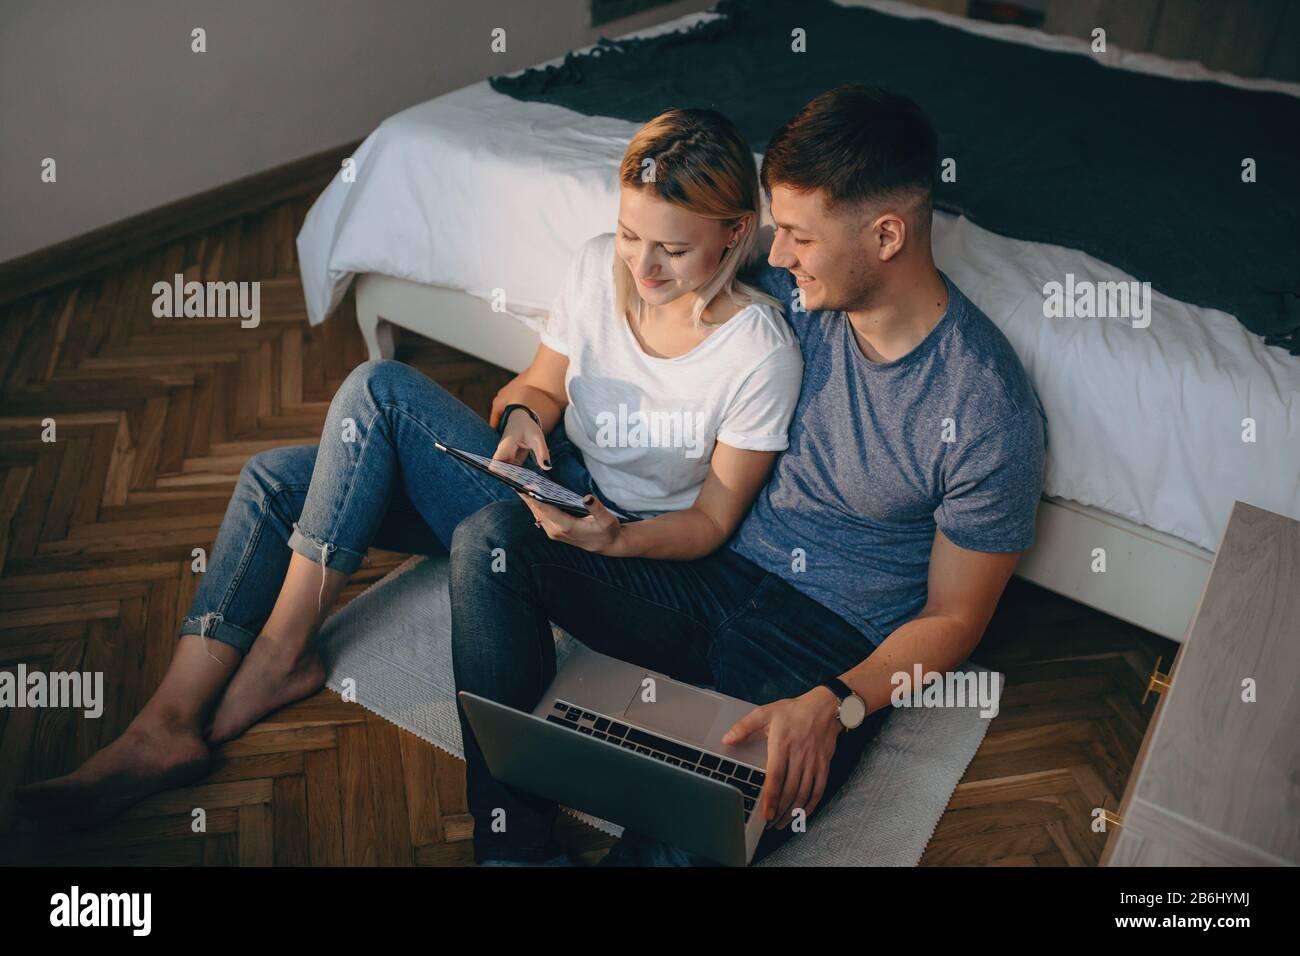 Vista superior de una pareja caucásica sentada en el suelo y usando aparatos modernos mientras sonríe y disfruta Foto de stock